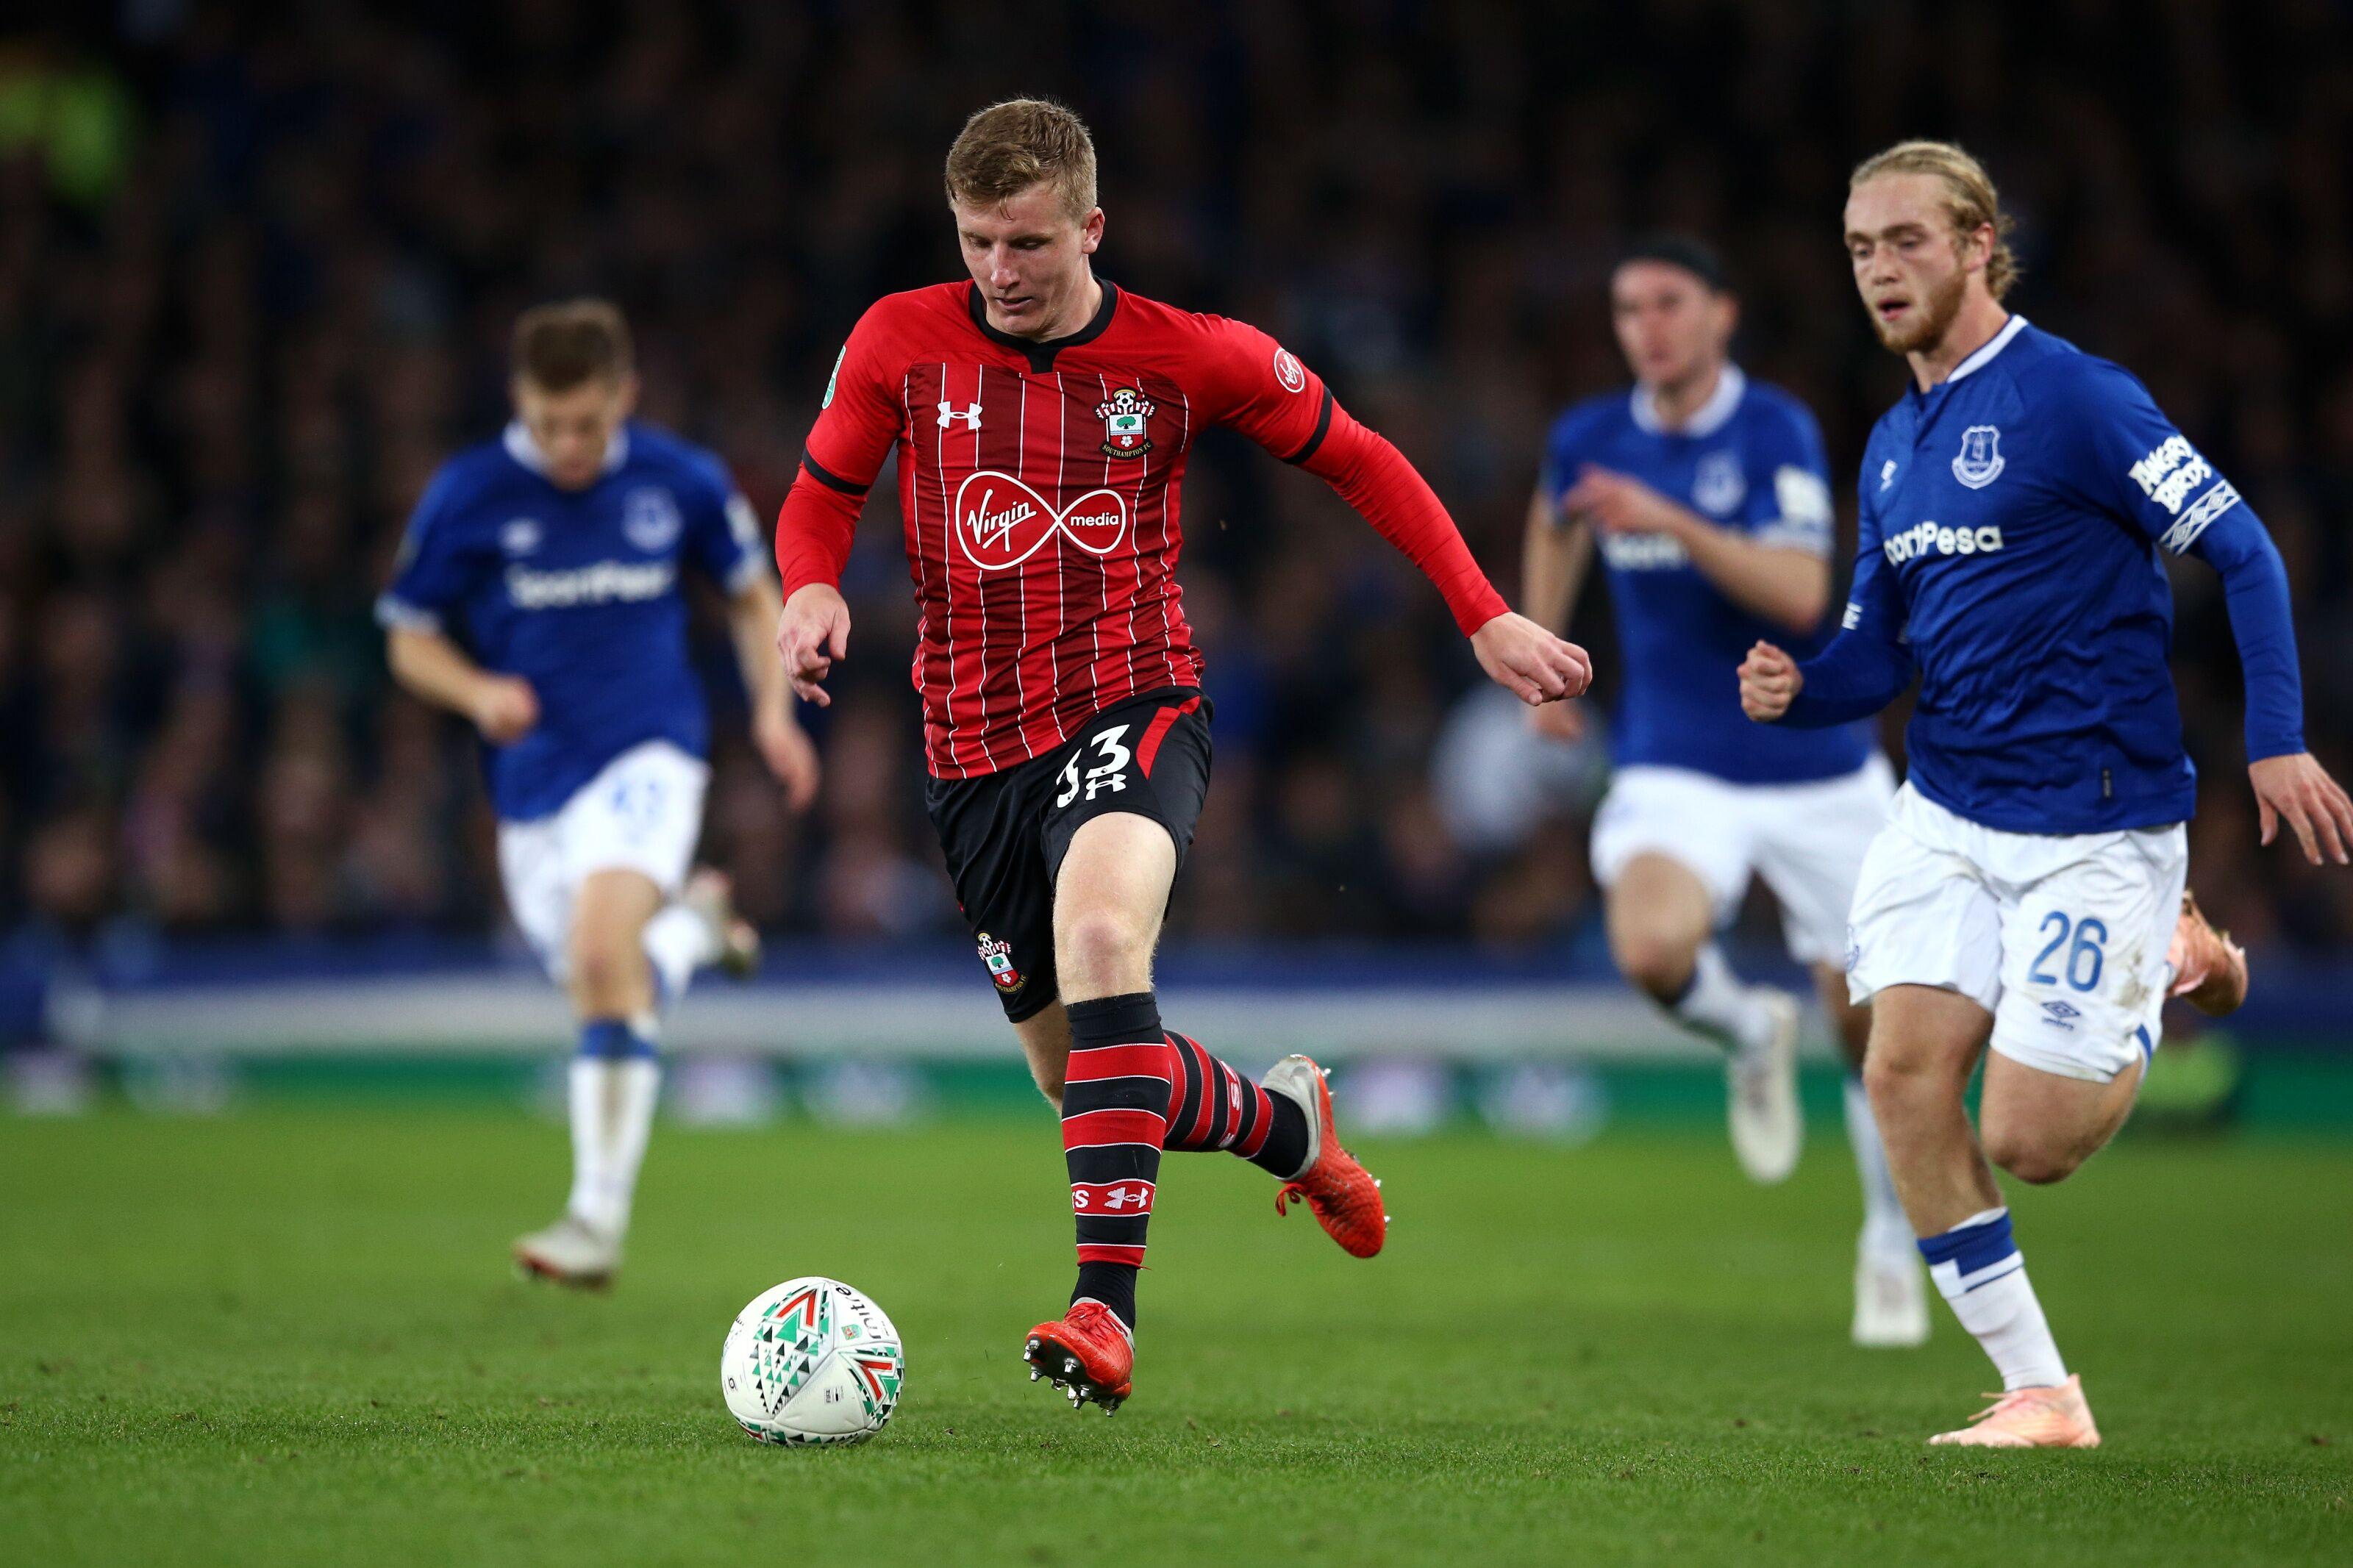 Everton 1-1 Southampton (3-4 pens): Three Match Takeaways